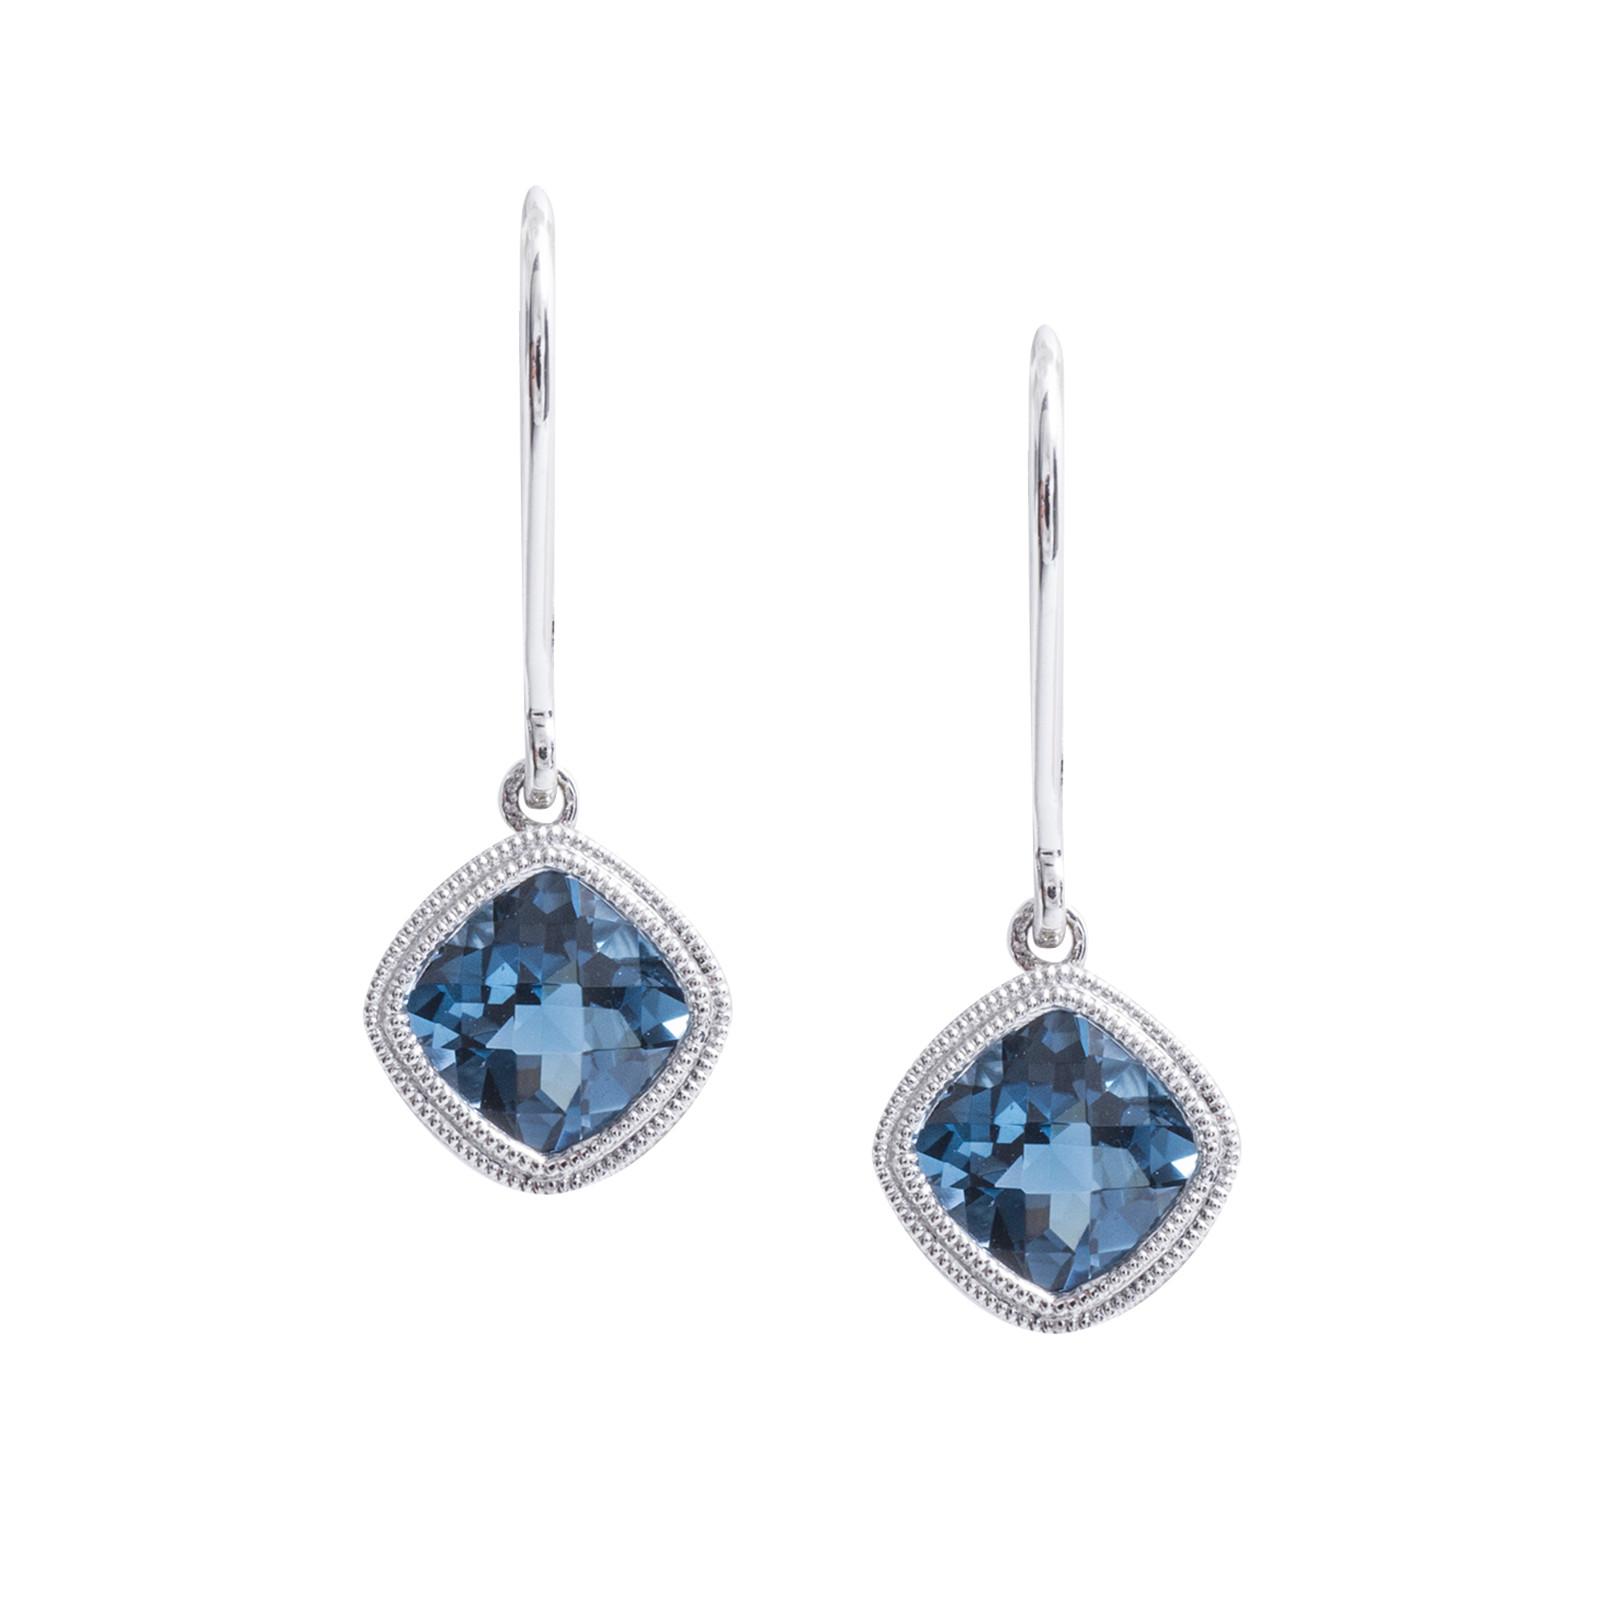 New 2.10 CTW Blue Topaz Drop Earrings